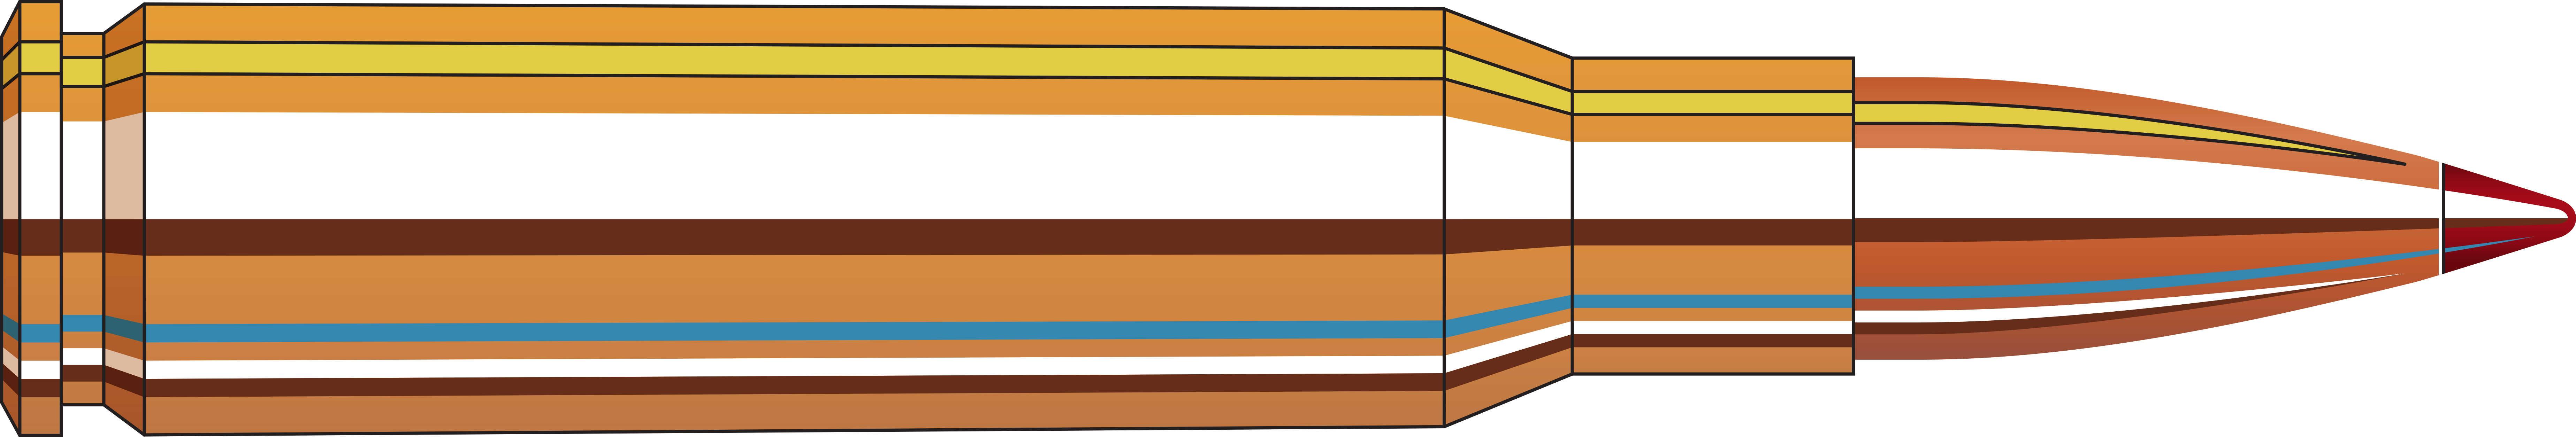 Hornady Superformance Match, 308 Winchester 168 Grain ELD Match Ammunition,  20 Rounds Per Box Md: 80963